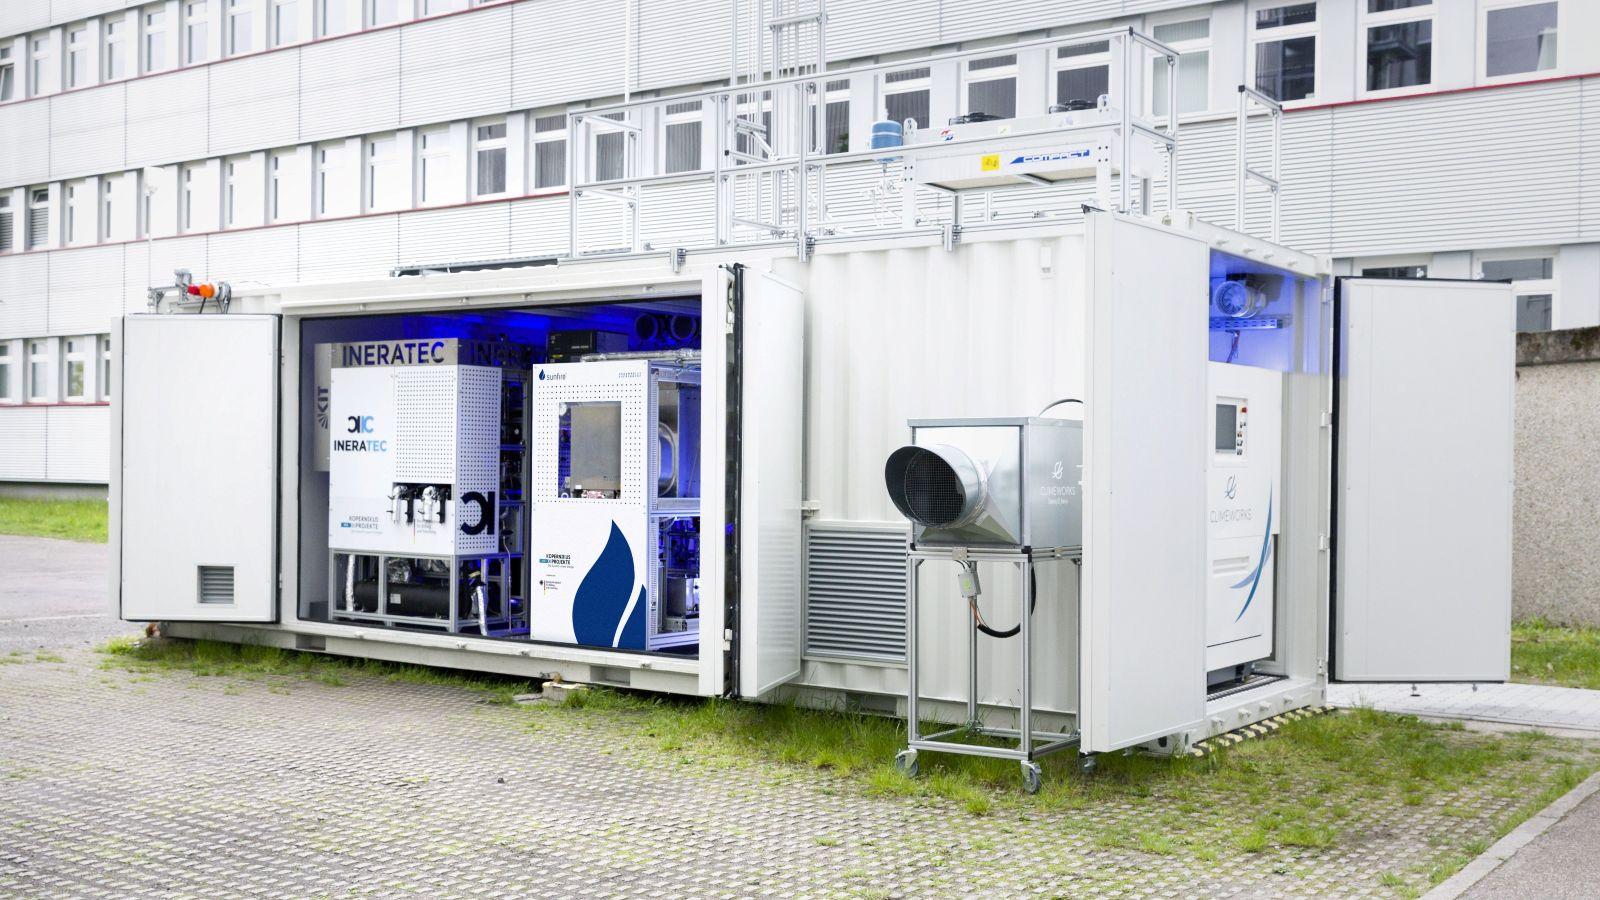 Das Bild zeigt die weltweit erste integrierte Luft-zu-Kraftstoff-Anlage auf dem Gelände des KIT in Karlsruhe.